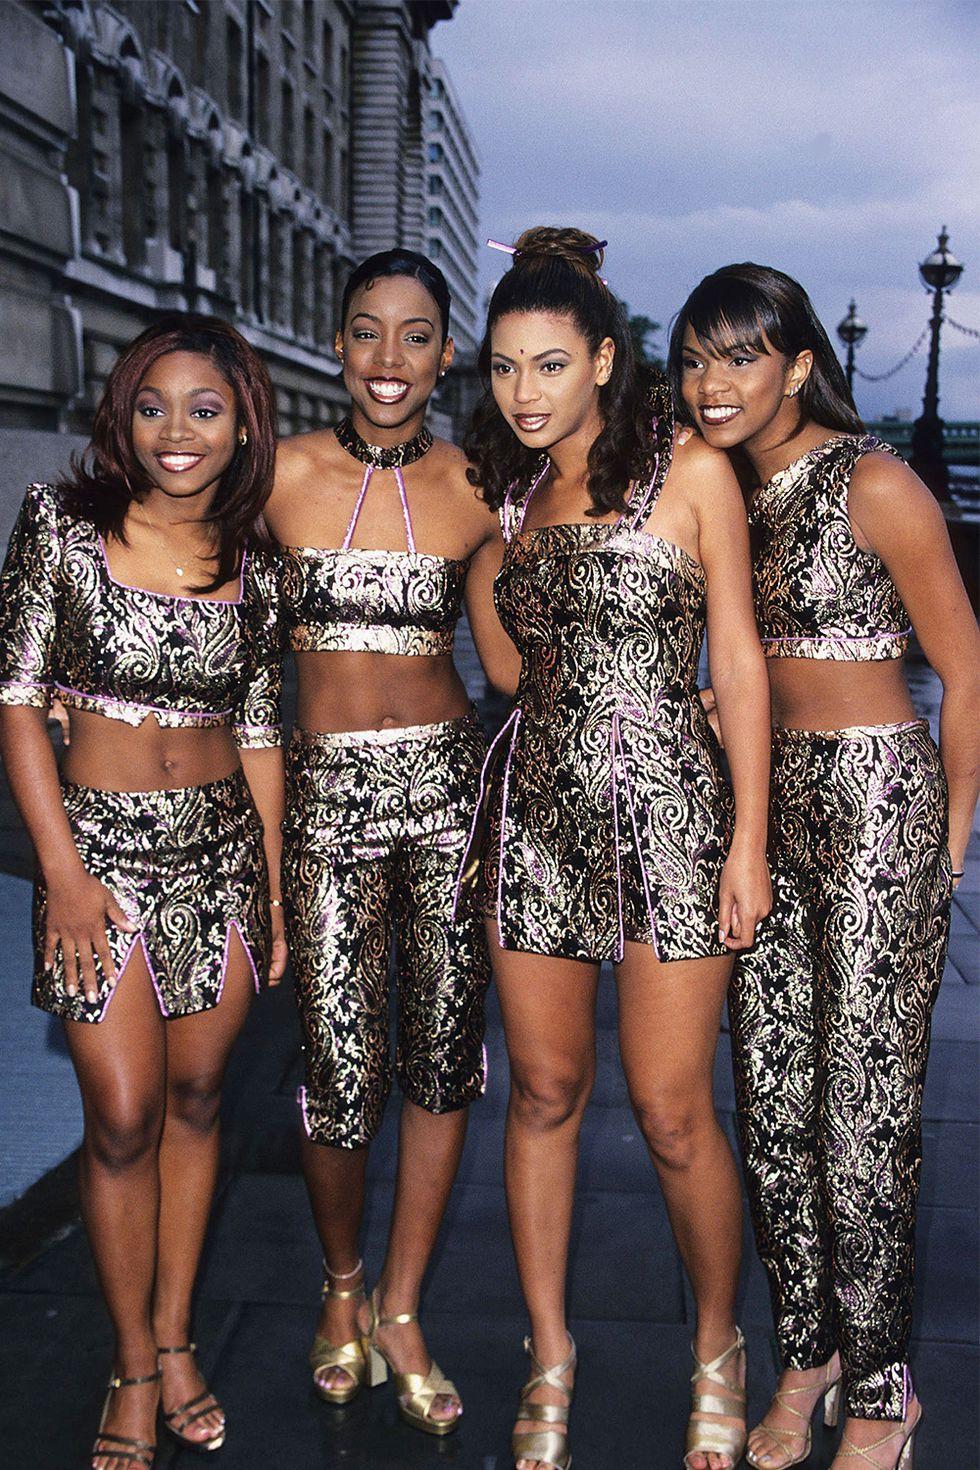 Lộng lẫy và sang chảnh ngất trời là những gì người ta sẽ nghĩ khi ngắm nghía diện mạo này của các cô nàng trong Destiny's Child mà nổi bật nhất chính là nàng ong chúa - Beyoncé (thứ hai từ phải sang) với thần thái hơn người. Có lẽ nhiều đàn em bây giờ cũng khó sánh kịp phong cách thời trang lộng lẫy, sành điệu của một trong những nhóm nhạc nữ ăn khách nhất mọi thời đại.